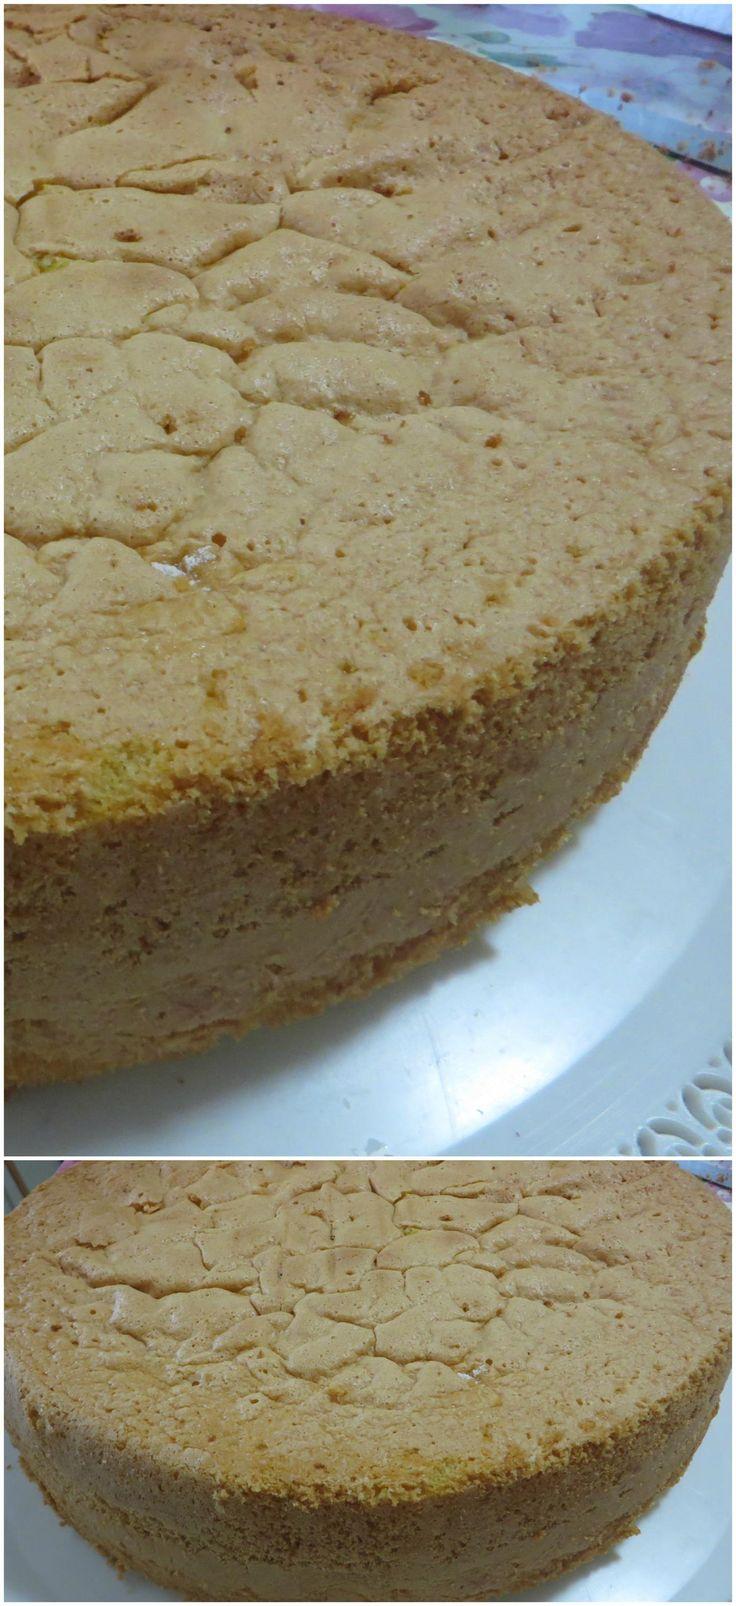 Pan di spagna, la ricetta senza lievito! #pandispagna #ricettegustose